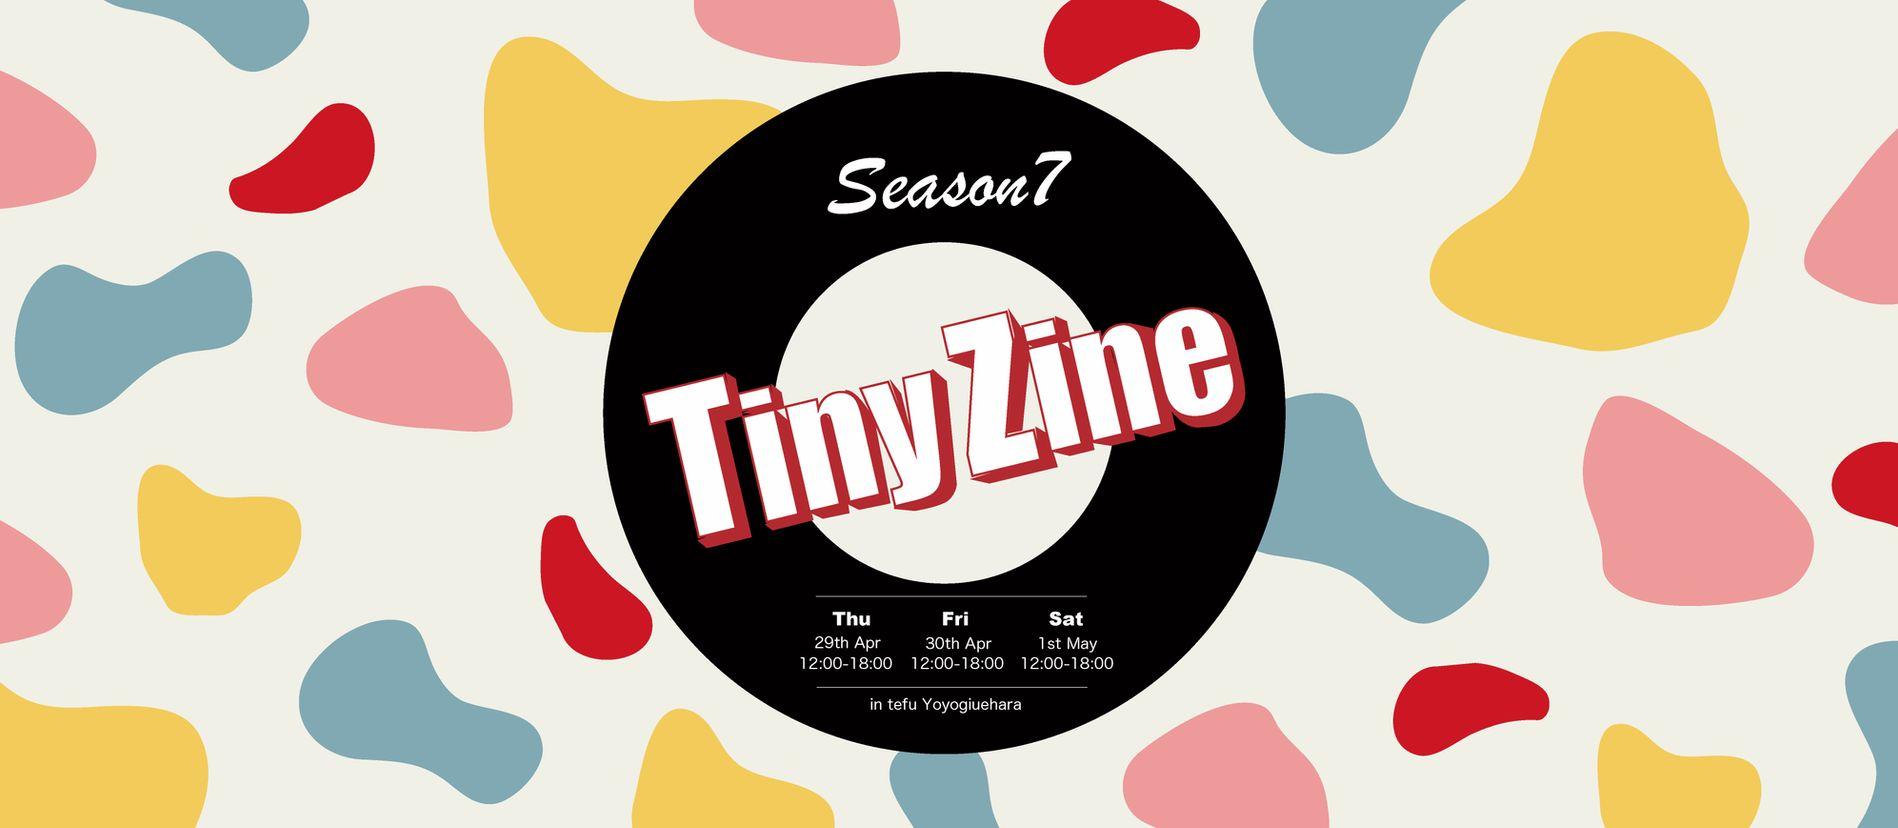 tiny zine poster